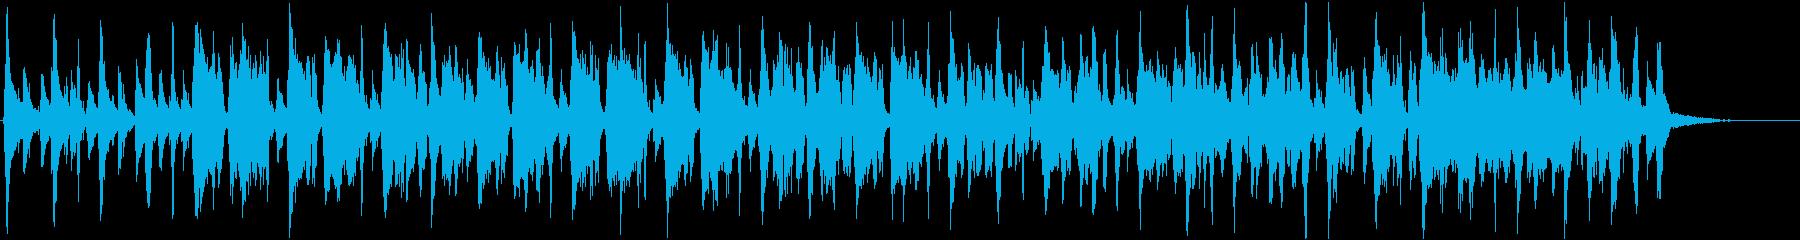 パイナップルをテーマにした楽曲の再生済みの波形